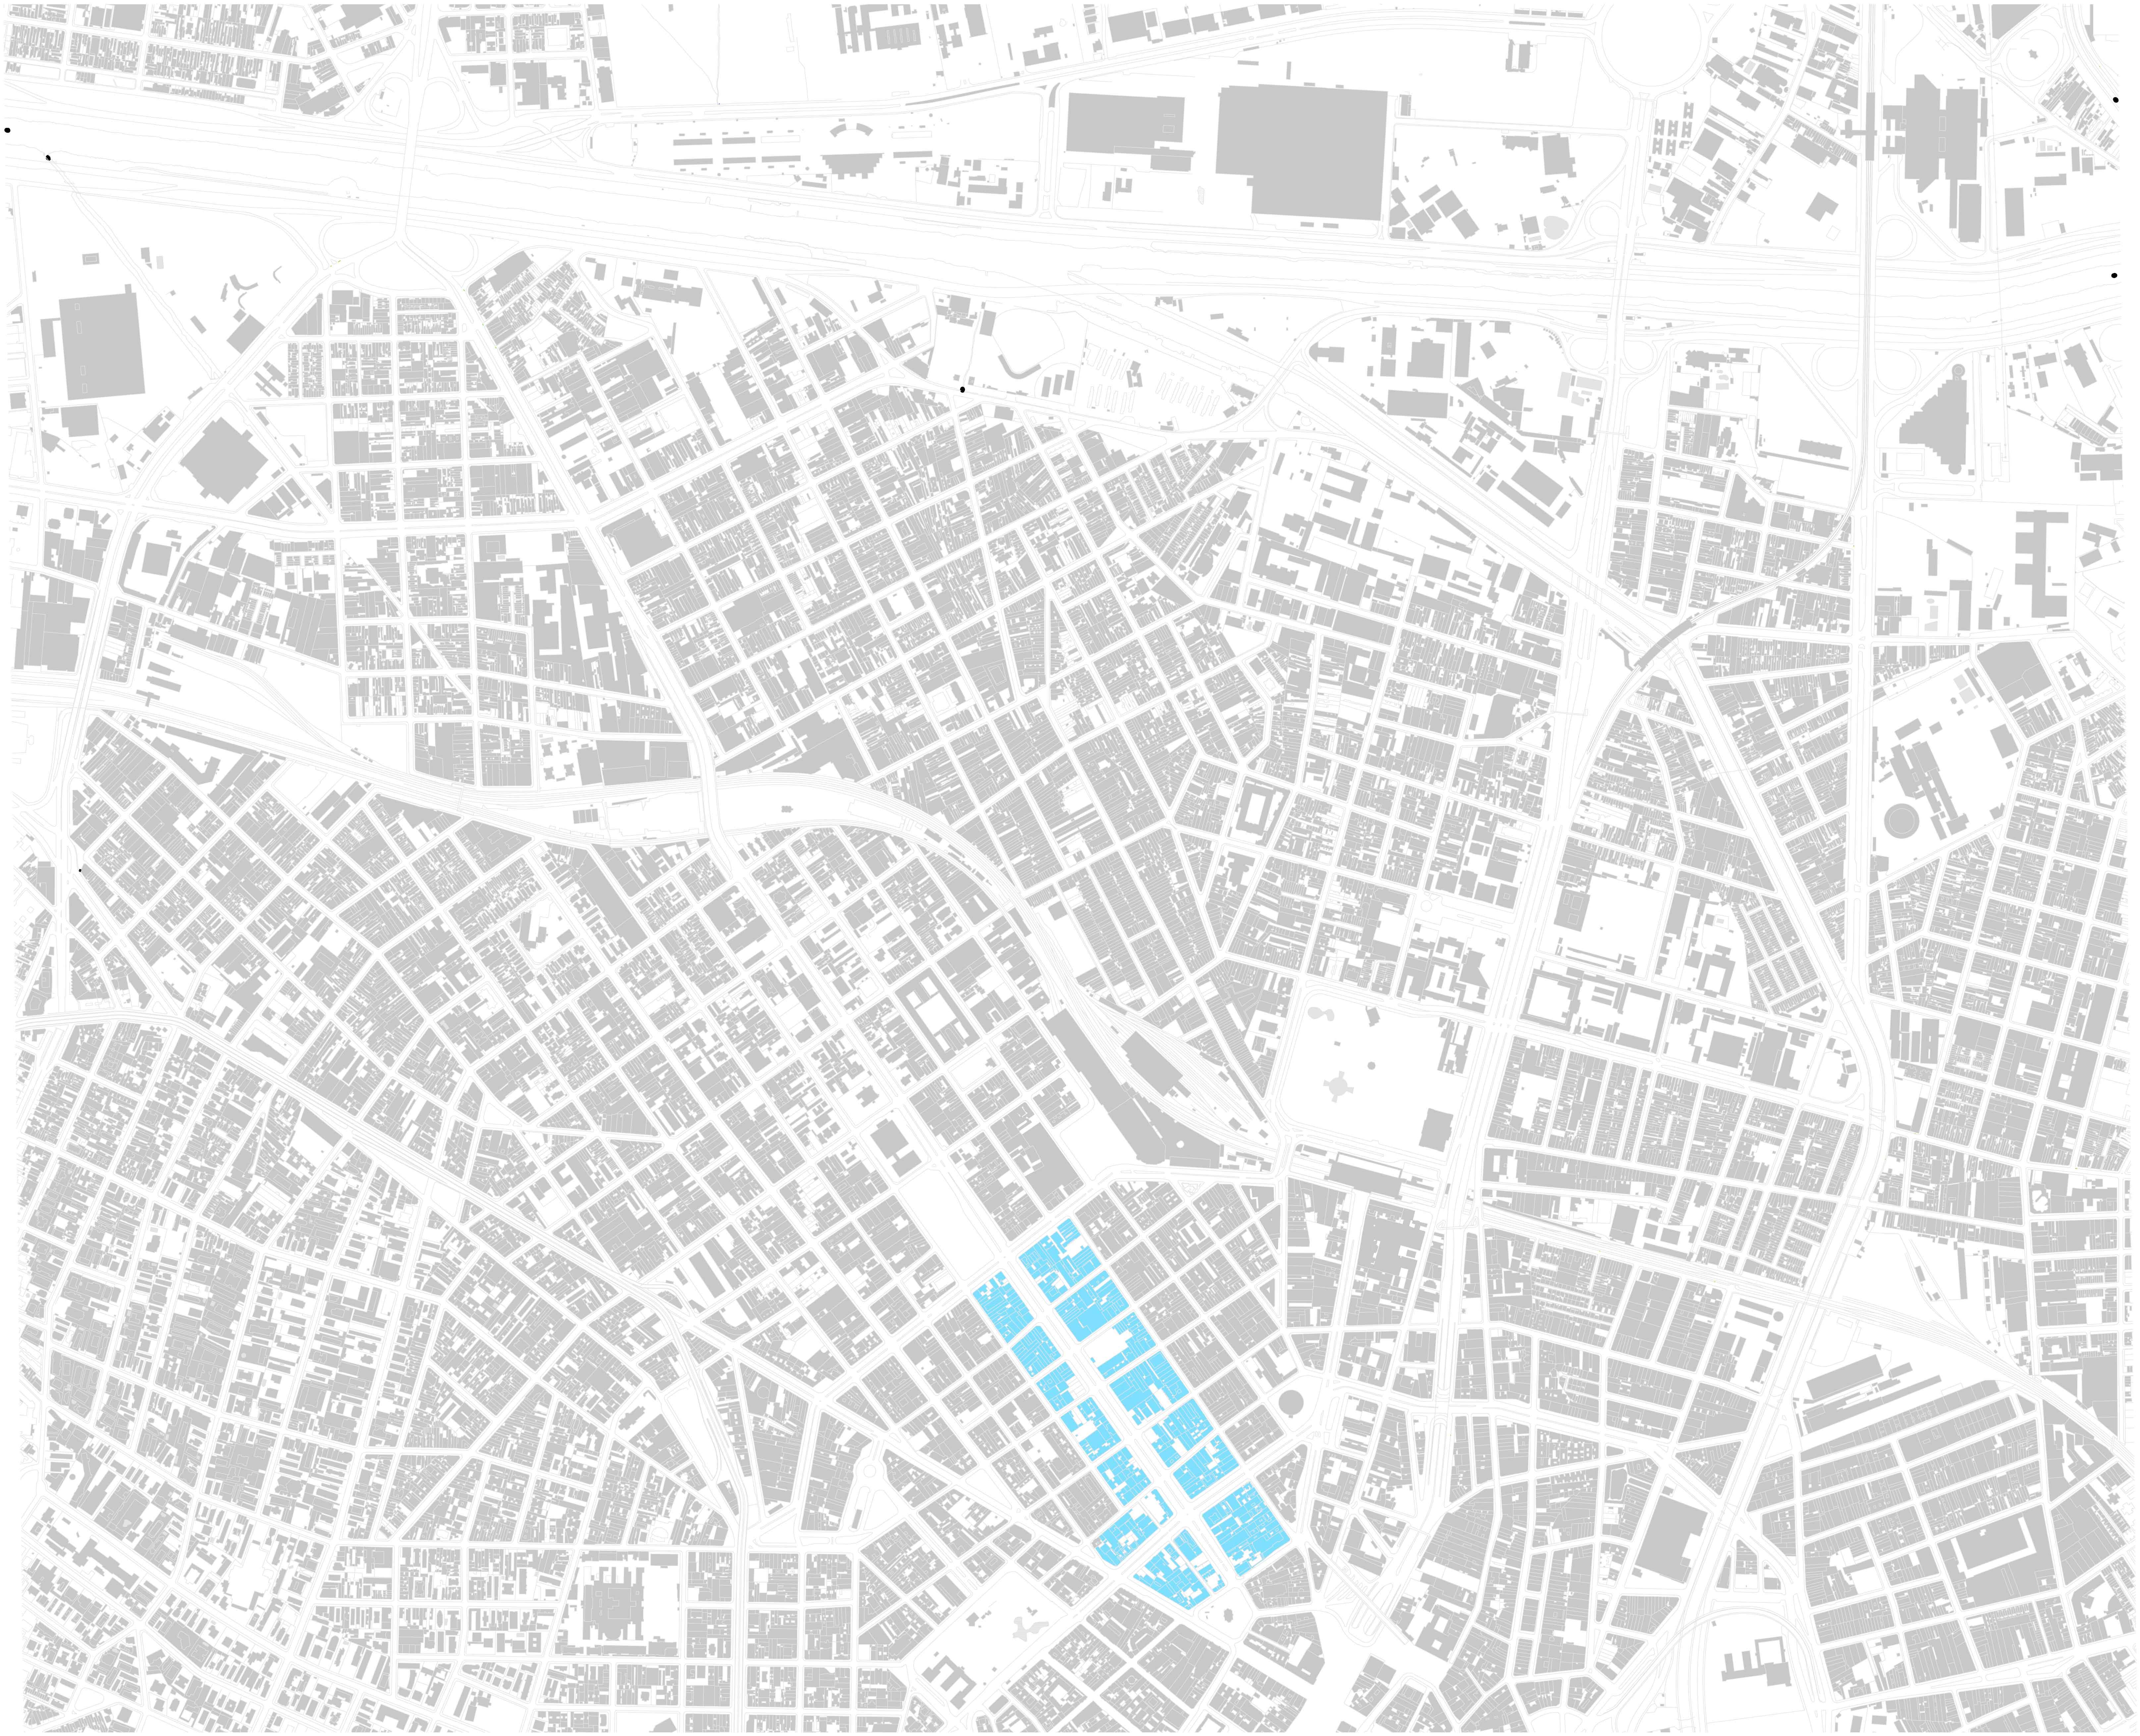 Plano de Intervenção Urbanística - Plano de Intervenção Urbanística (PIU/MP700), 2016. Escala: 1/20.000** – Elaboração do autor sobre base do MDC, Mapa Digital da Cidade de São Paulo.